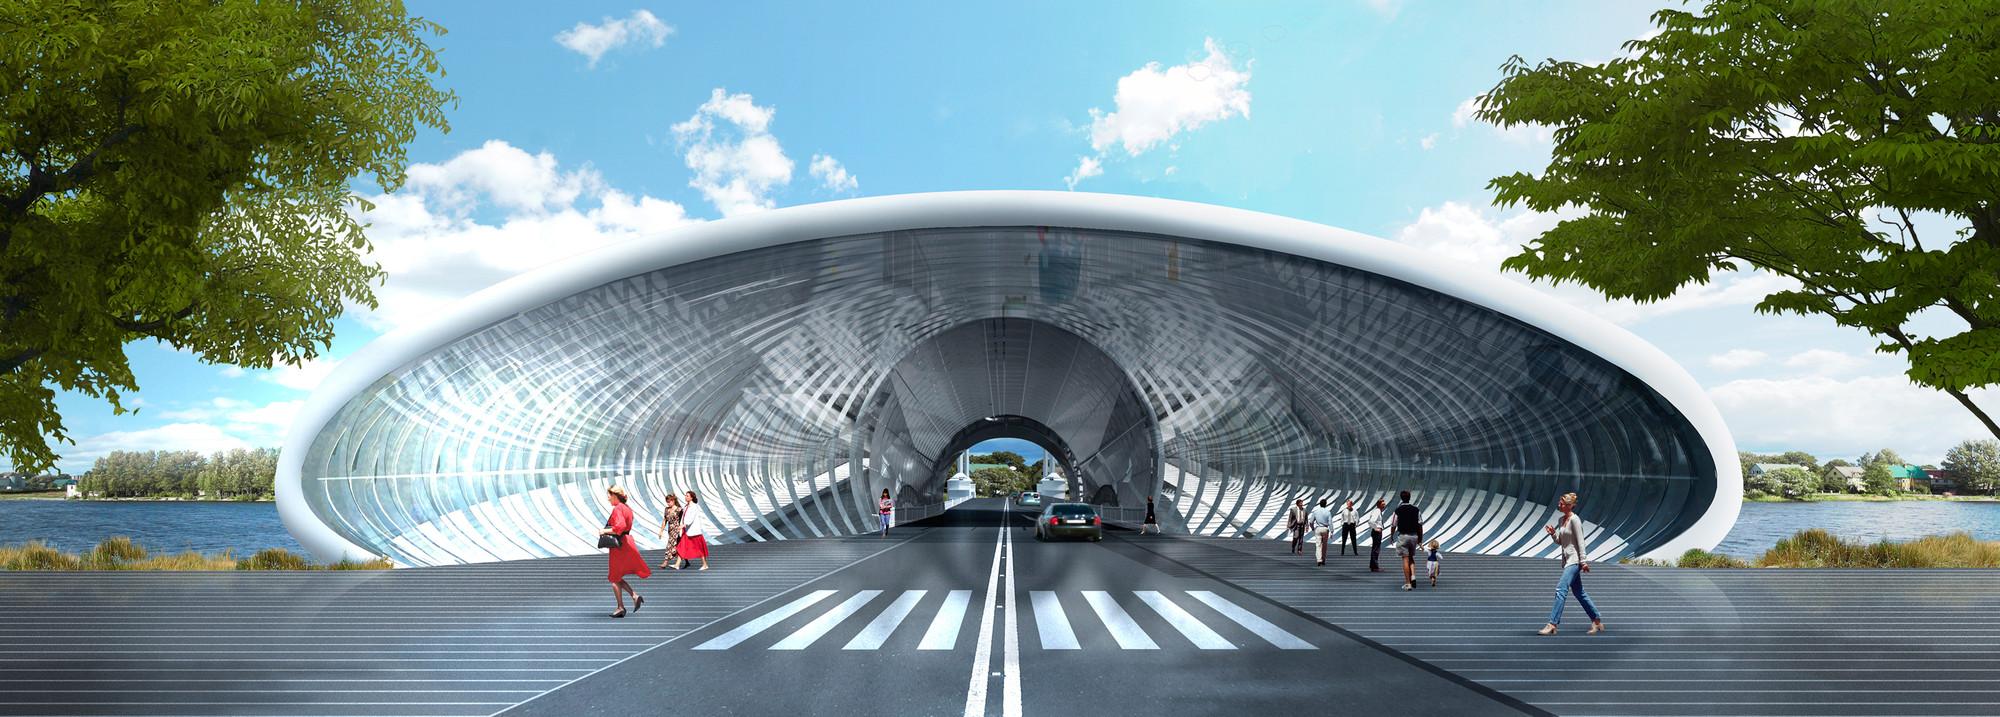 Vista desde la ciudad. Image Courtesy of BAT + ACHA ZABALLA Arquitectos